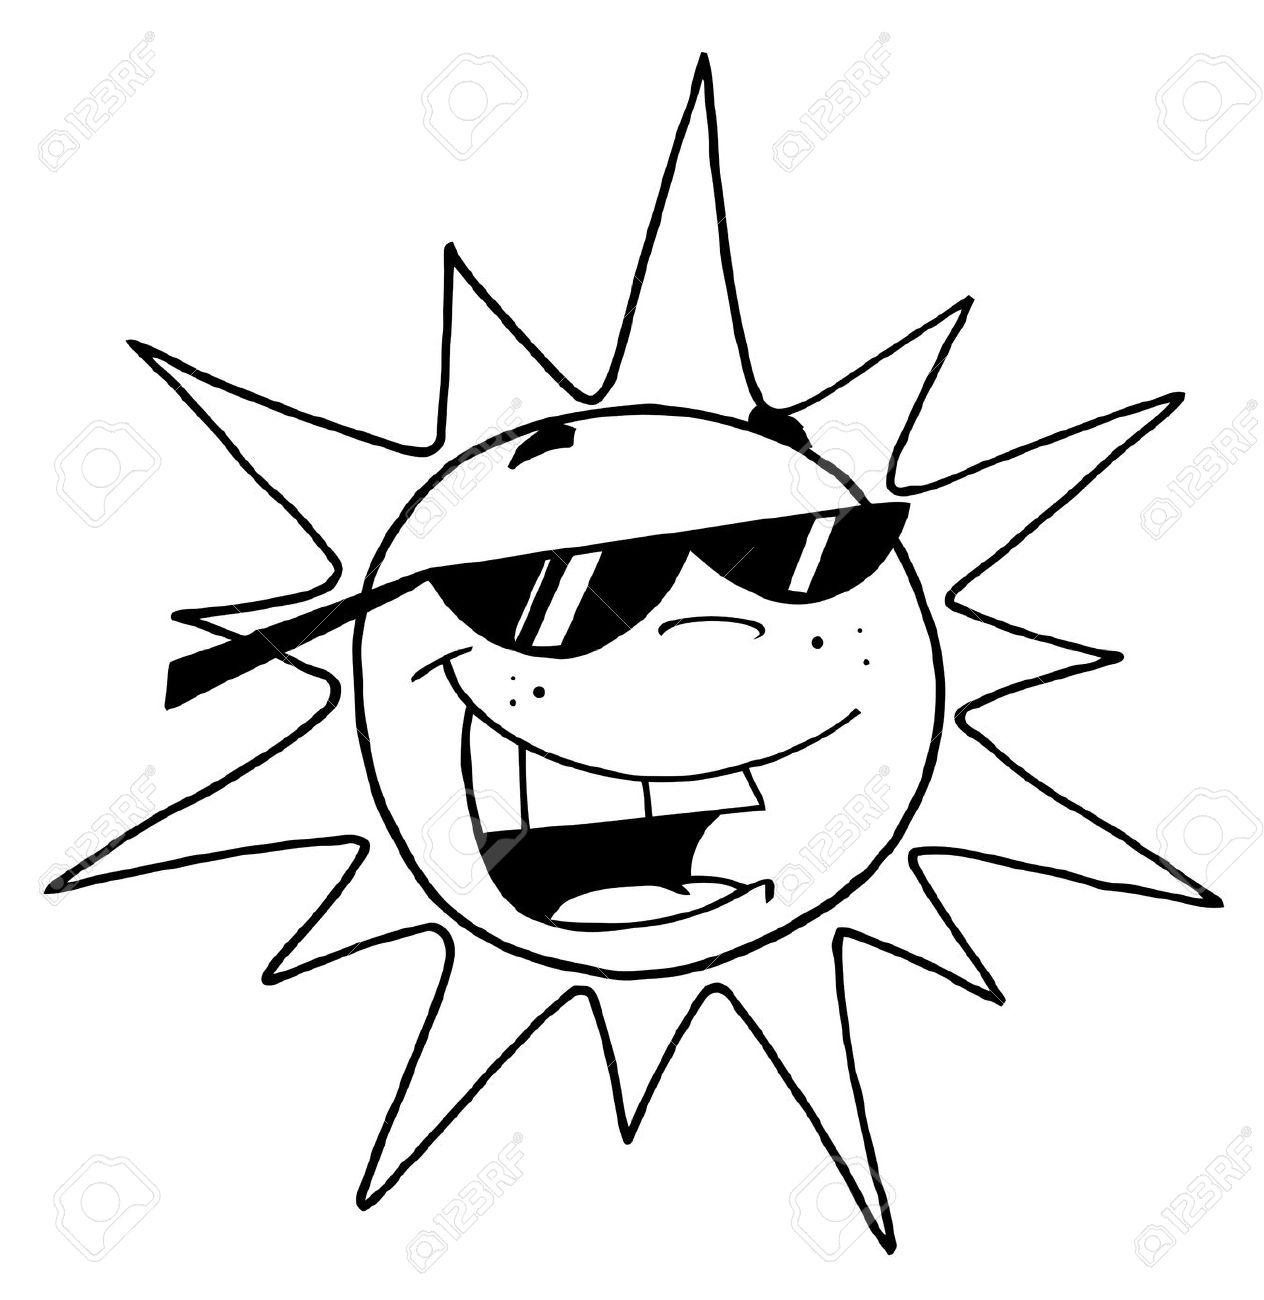 1264x1300 Sun Clipart Outline